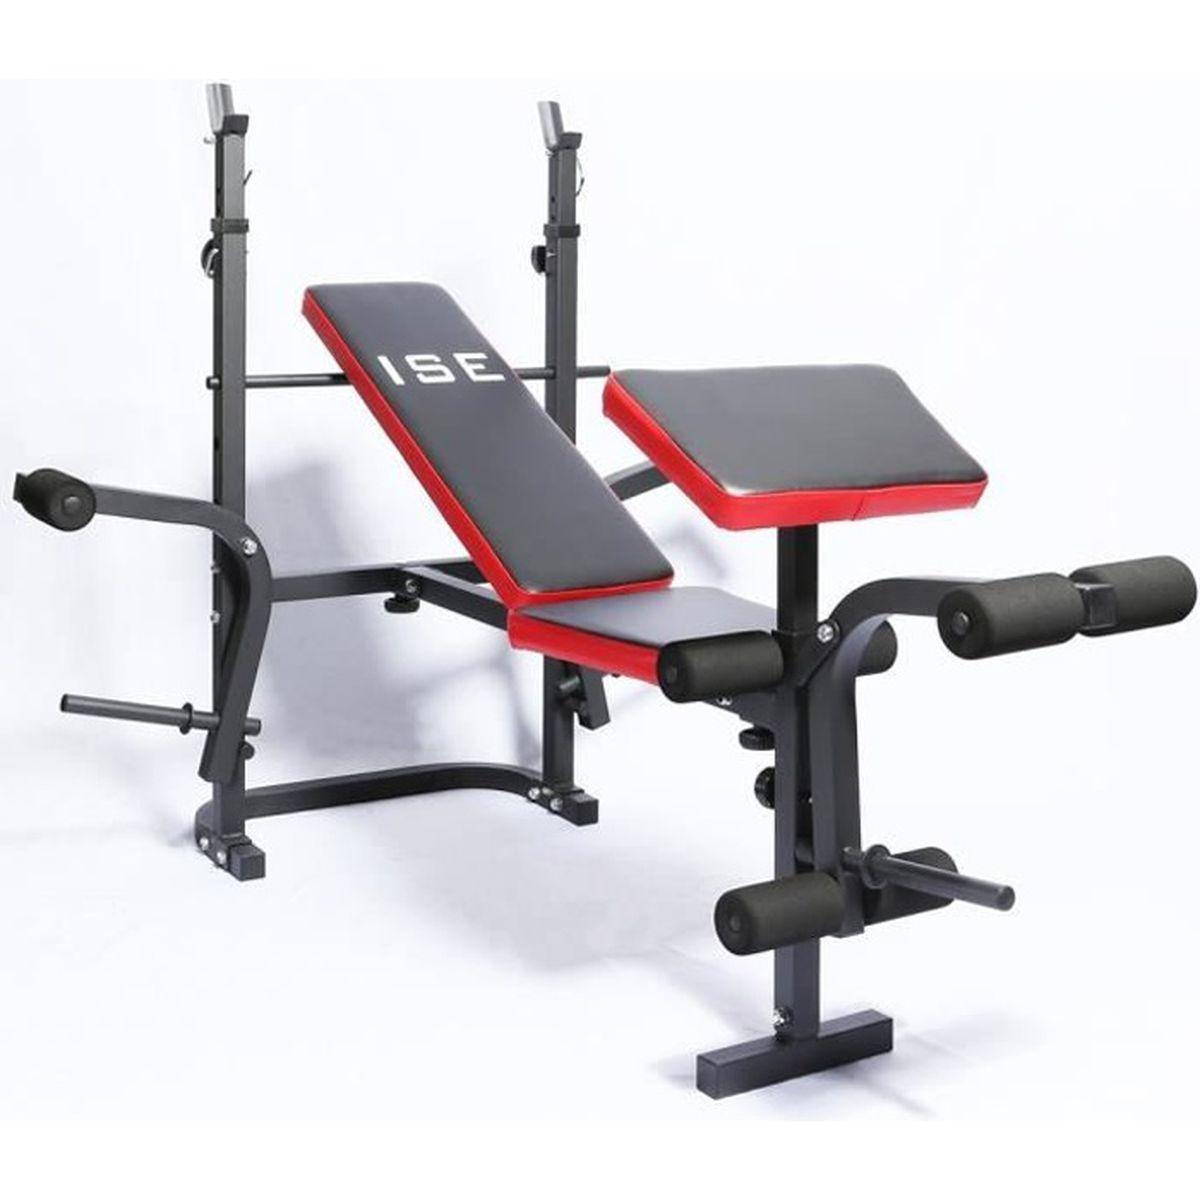 Ise Banc De Musculation Multifonction Mixte Réglable Pliable